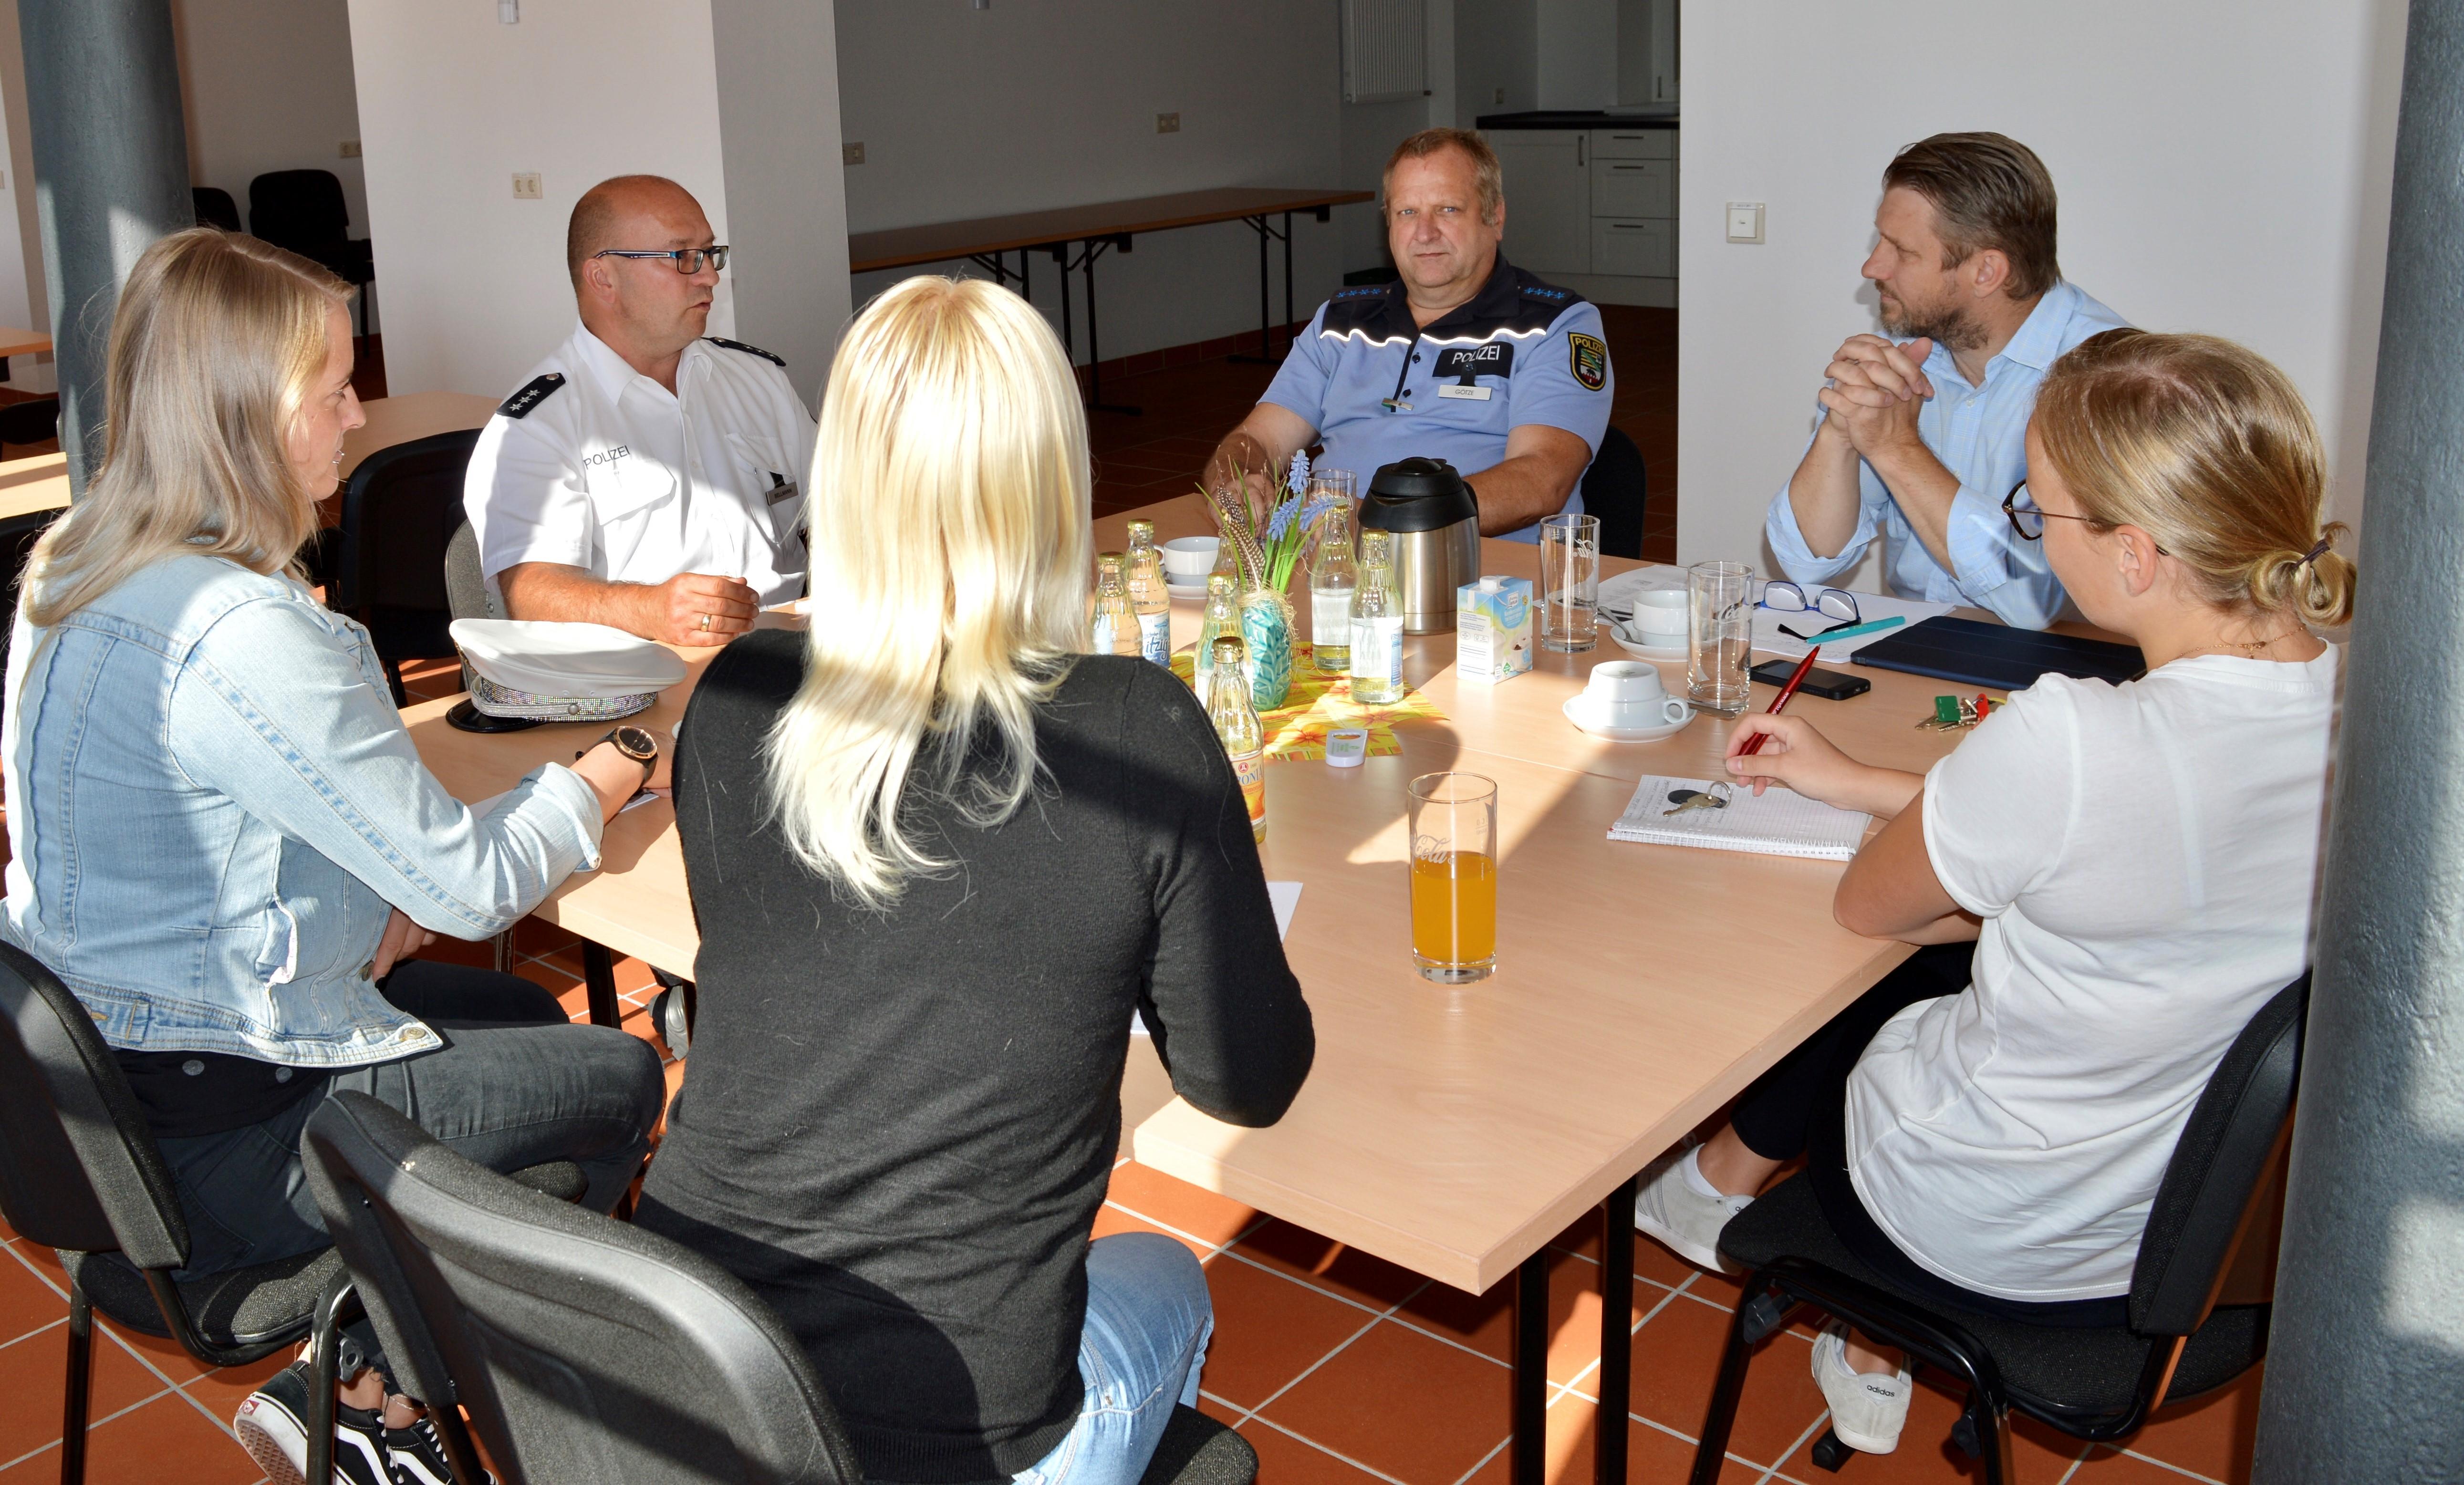 Bürgermeister Sven Hause (2.v.r.) im Gespräch mit den Regionalbereichsbeamten und den Mitarbeiterinnen des Fachdienstes Sicherheit und Ordnung der Stadt Calbe (Saale).